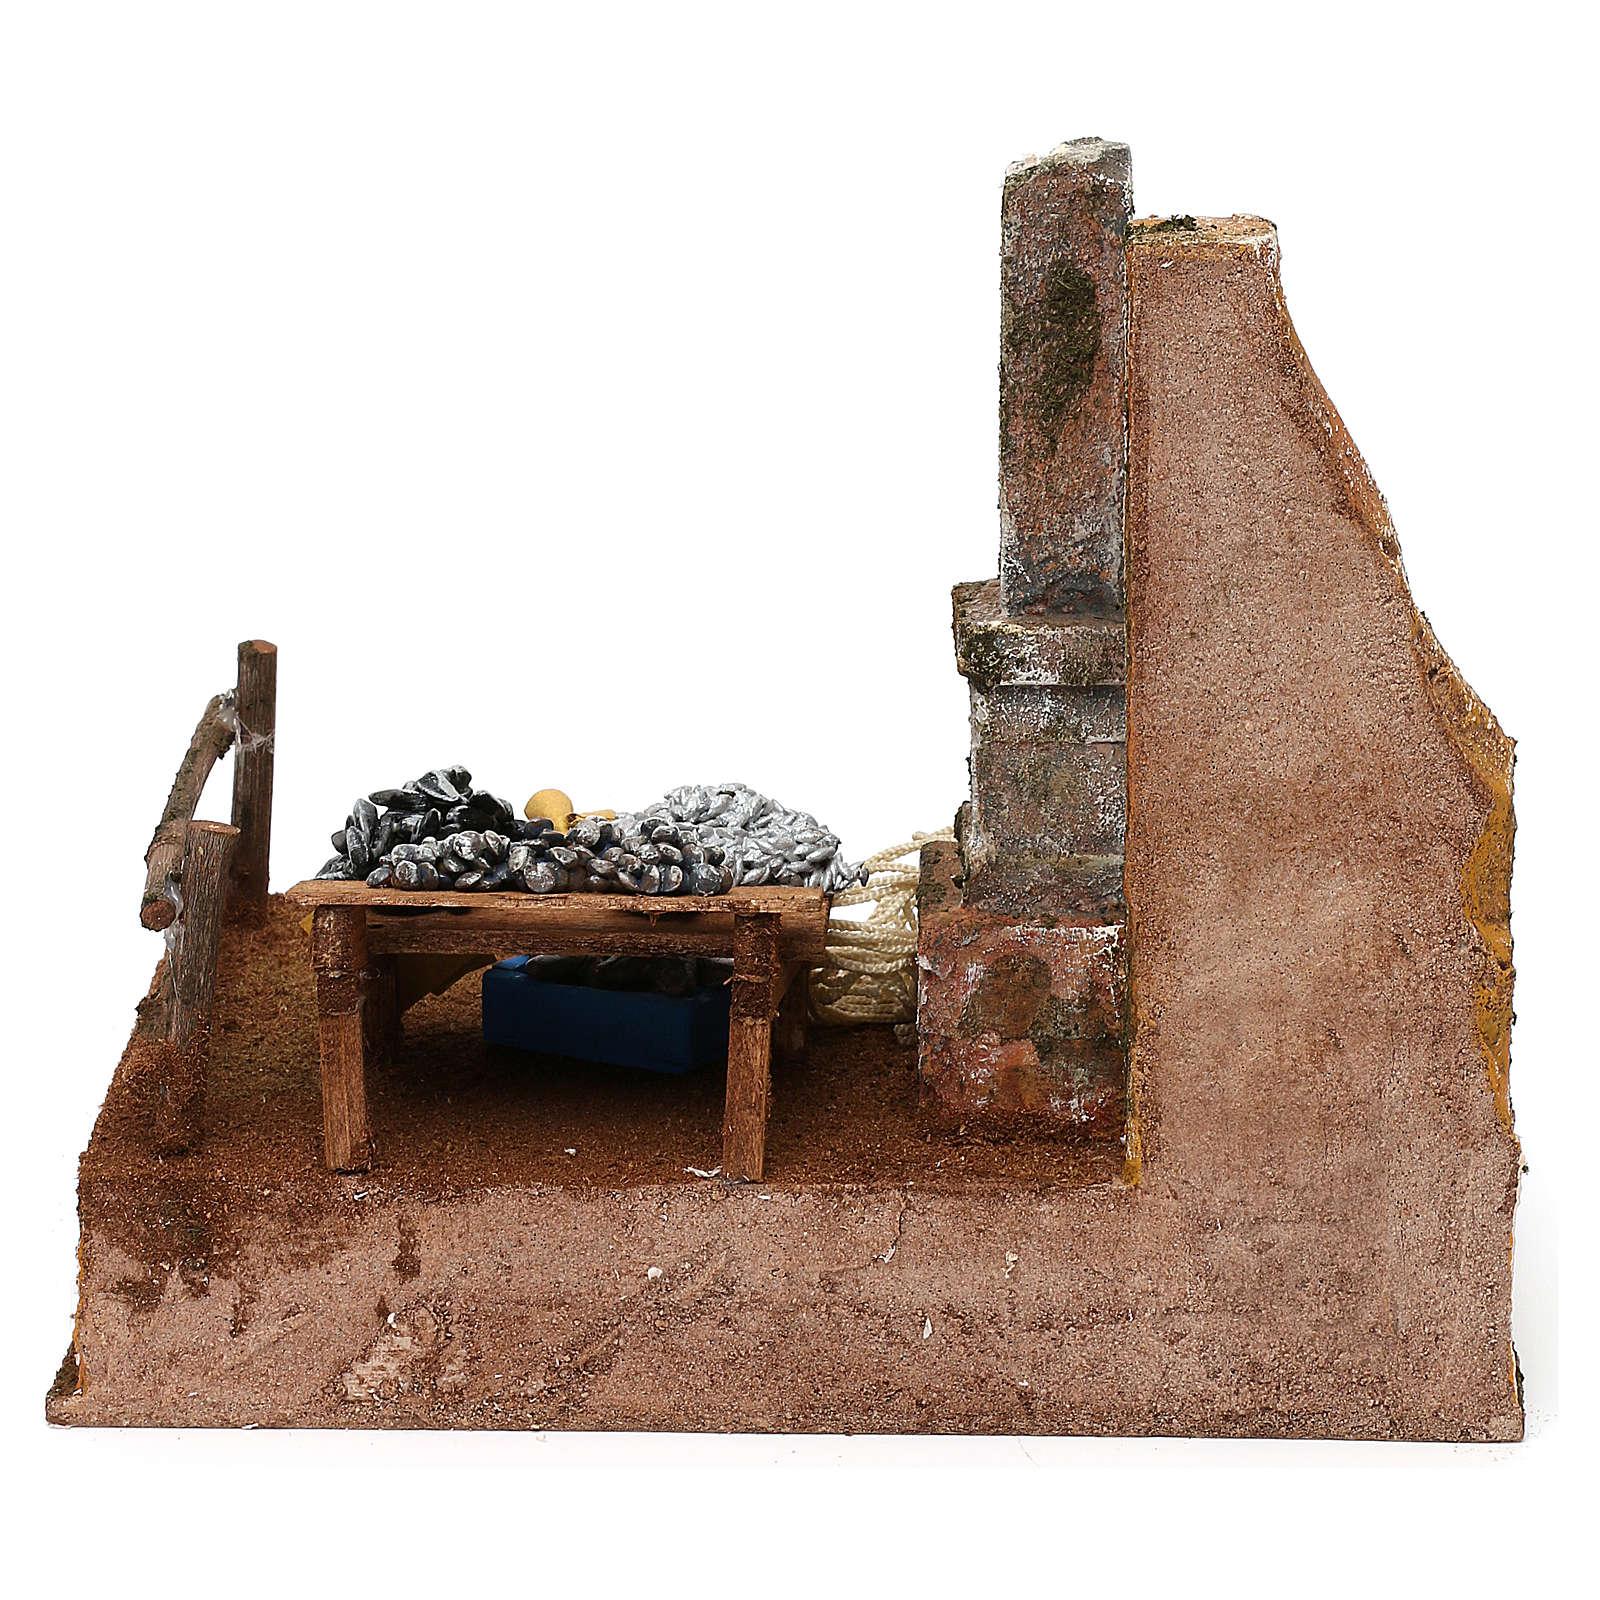 Mostrador pescadero de resina belén 12 cm 20x25x20 cm 4